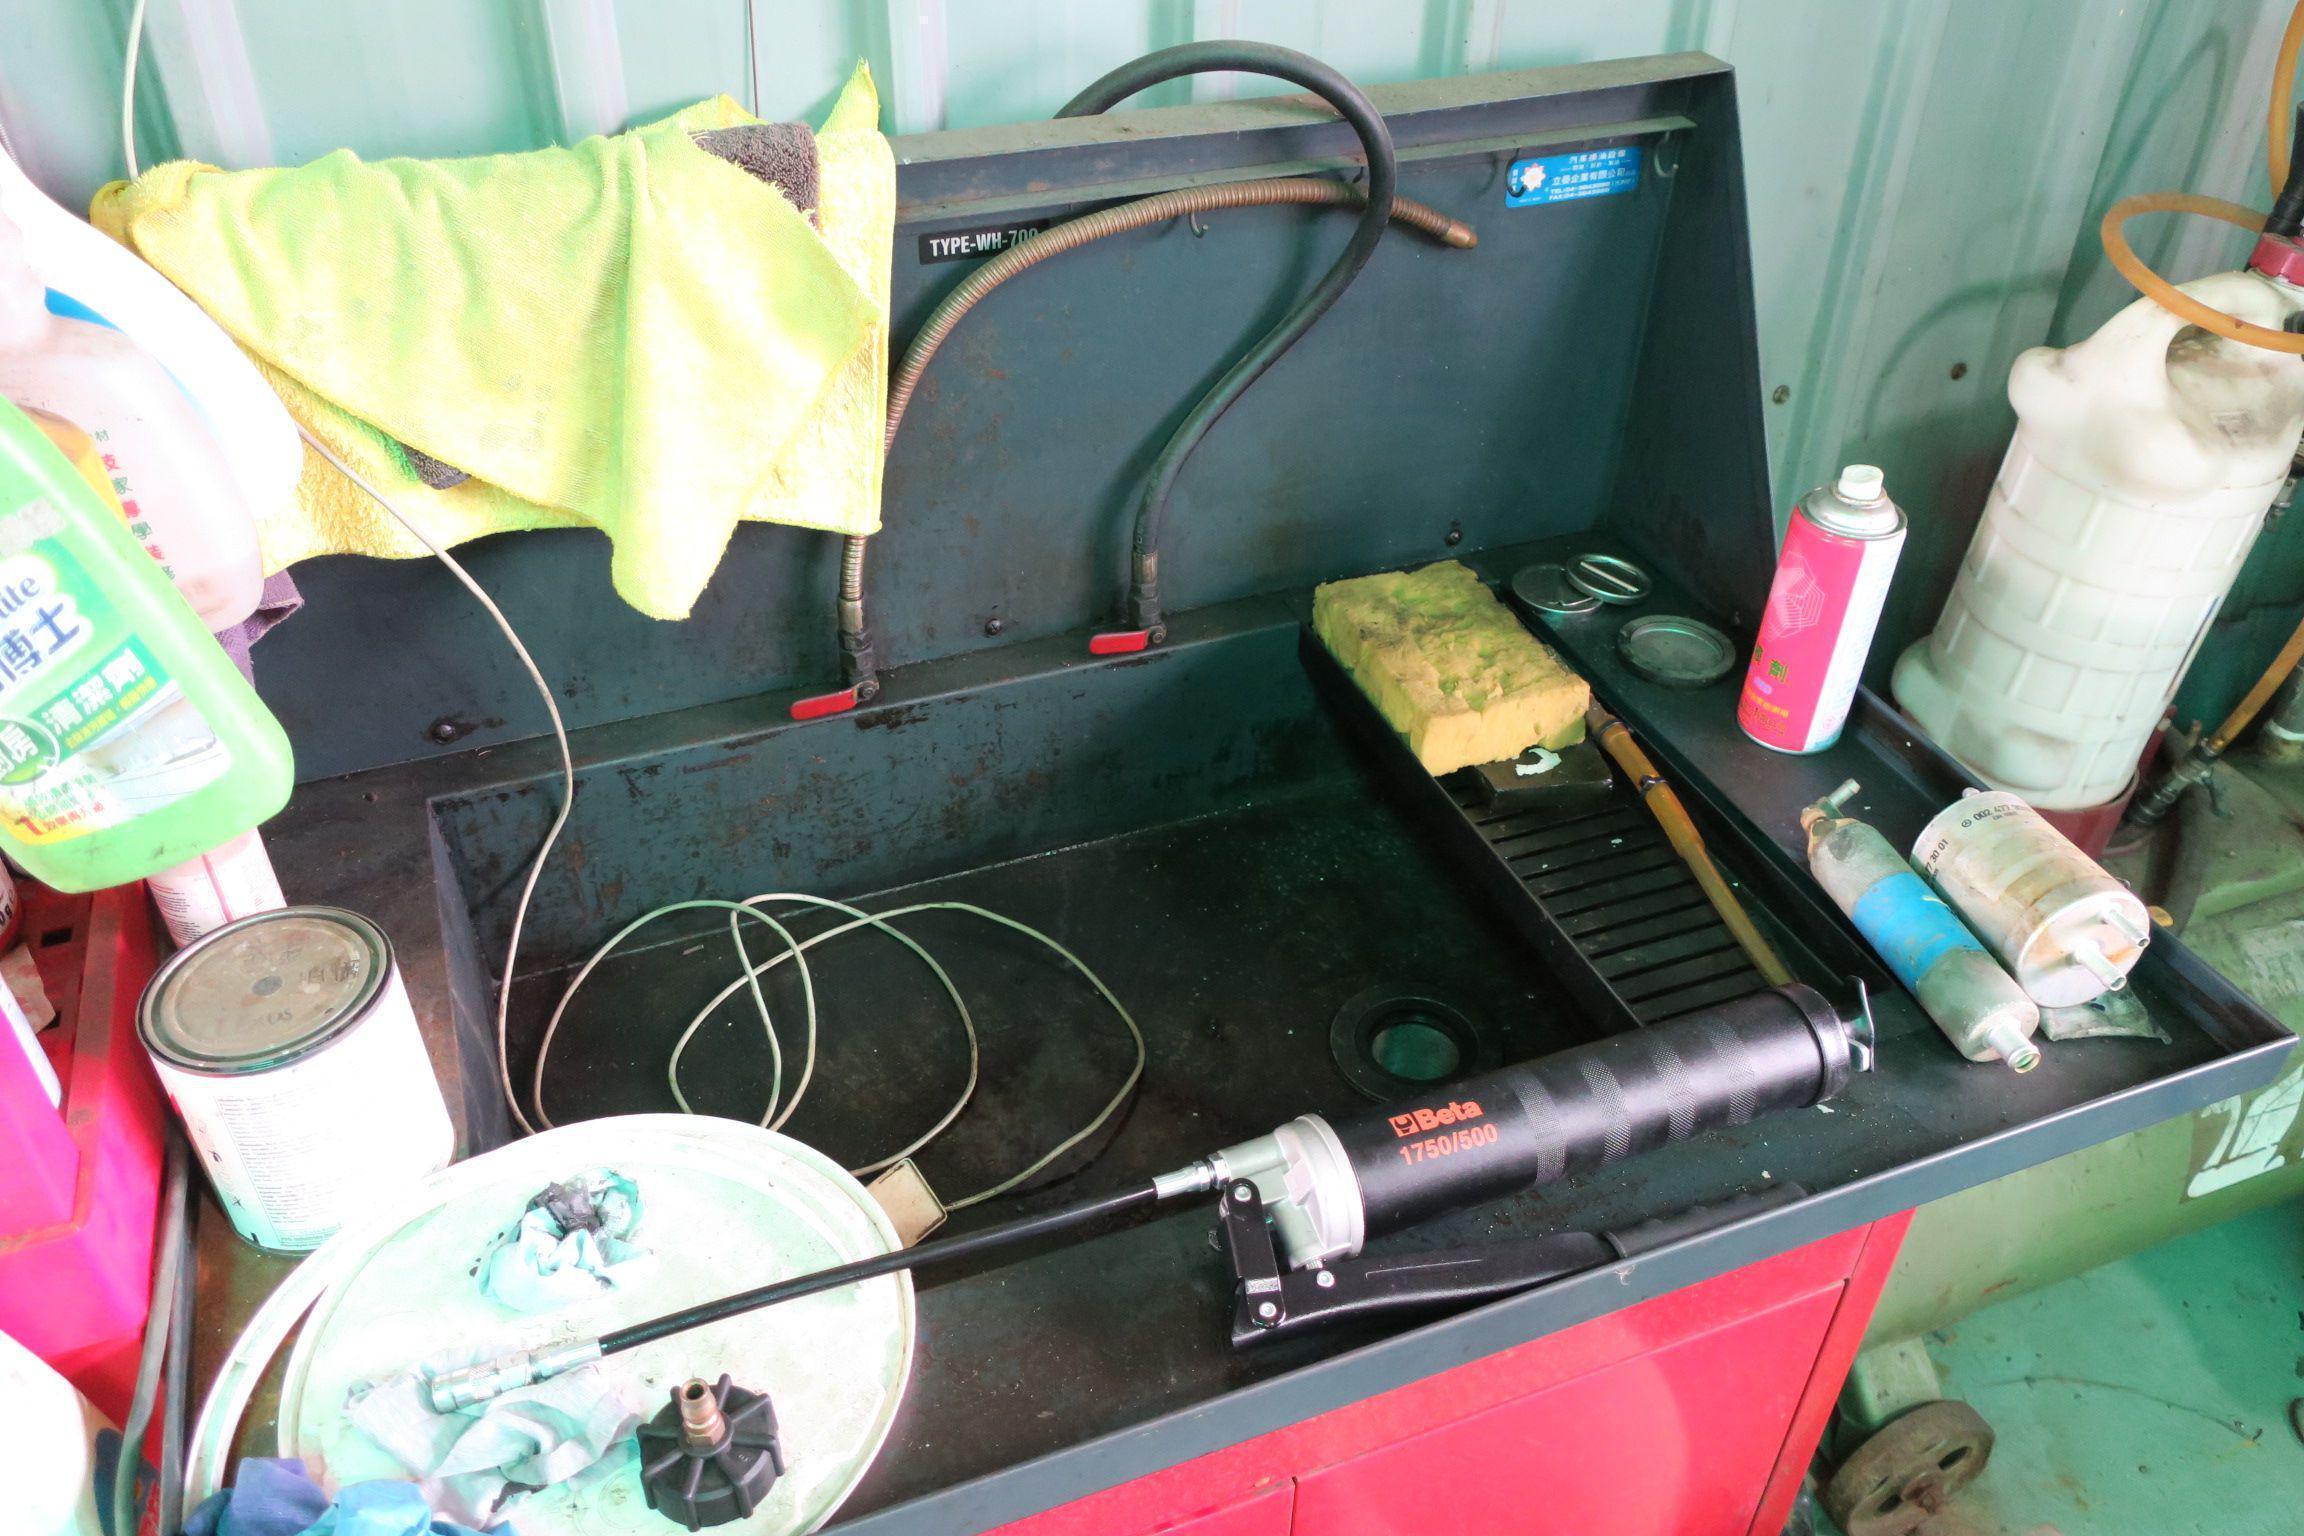 OiCar岳登汽車 引擎、變速箱重要零件清洗工作檯